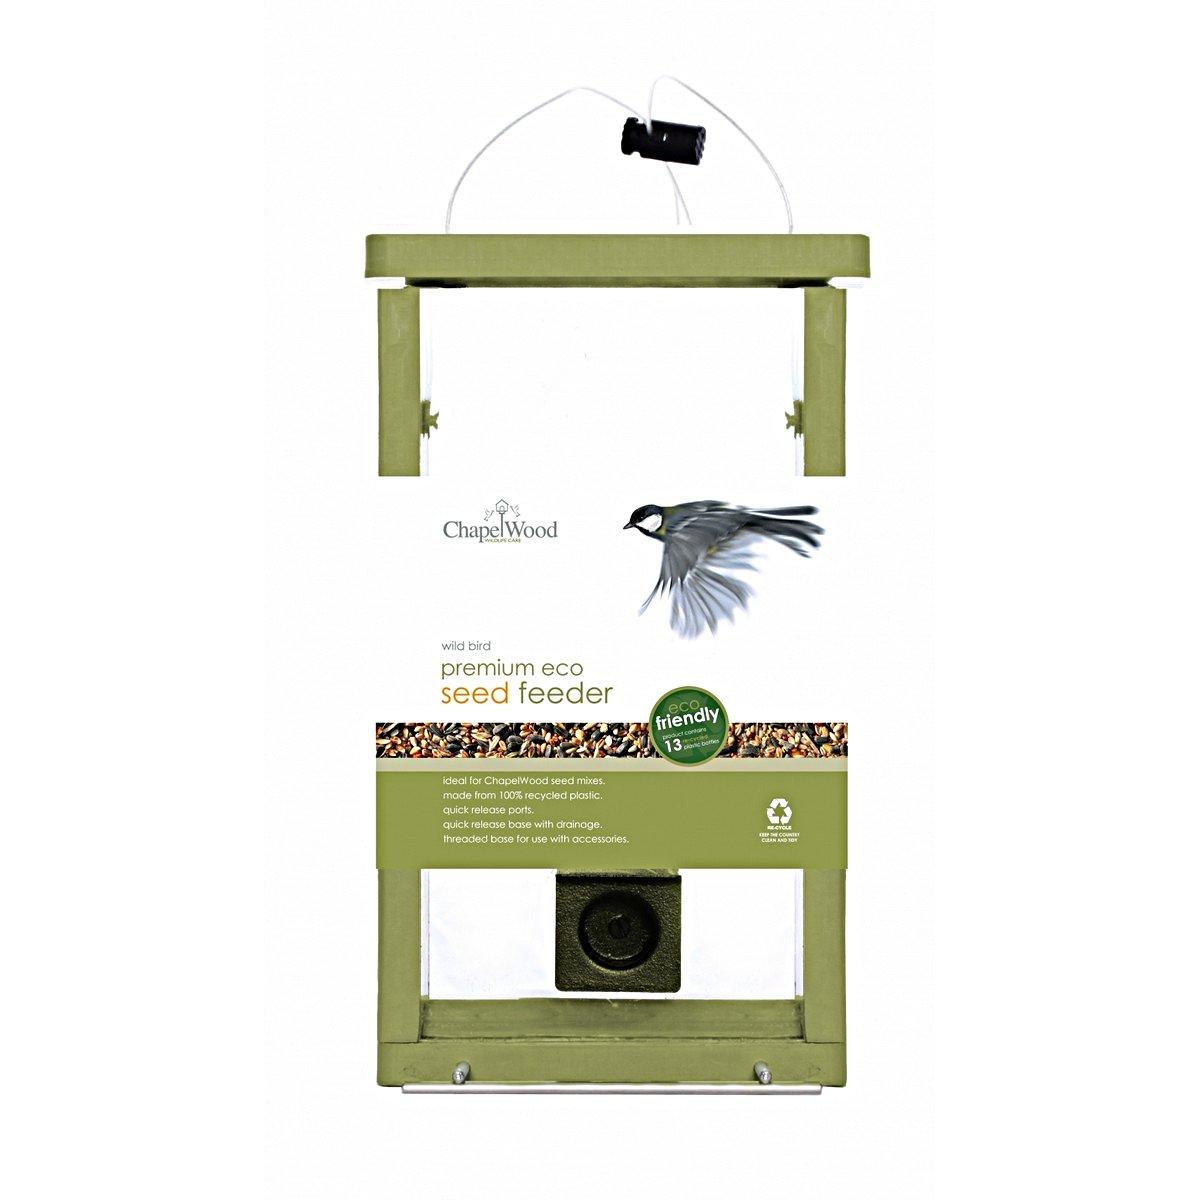 Afbeelding van Chapelwood Eco Voedersilo Voor Zaden Groen 0,9kg/17x11x28cm